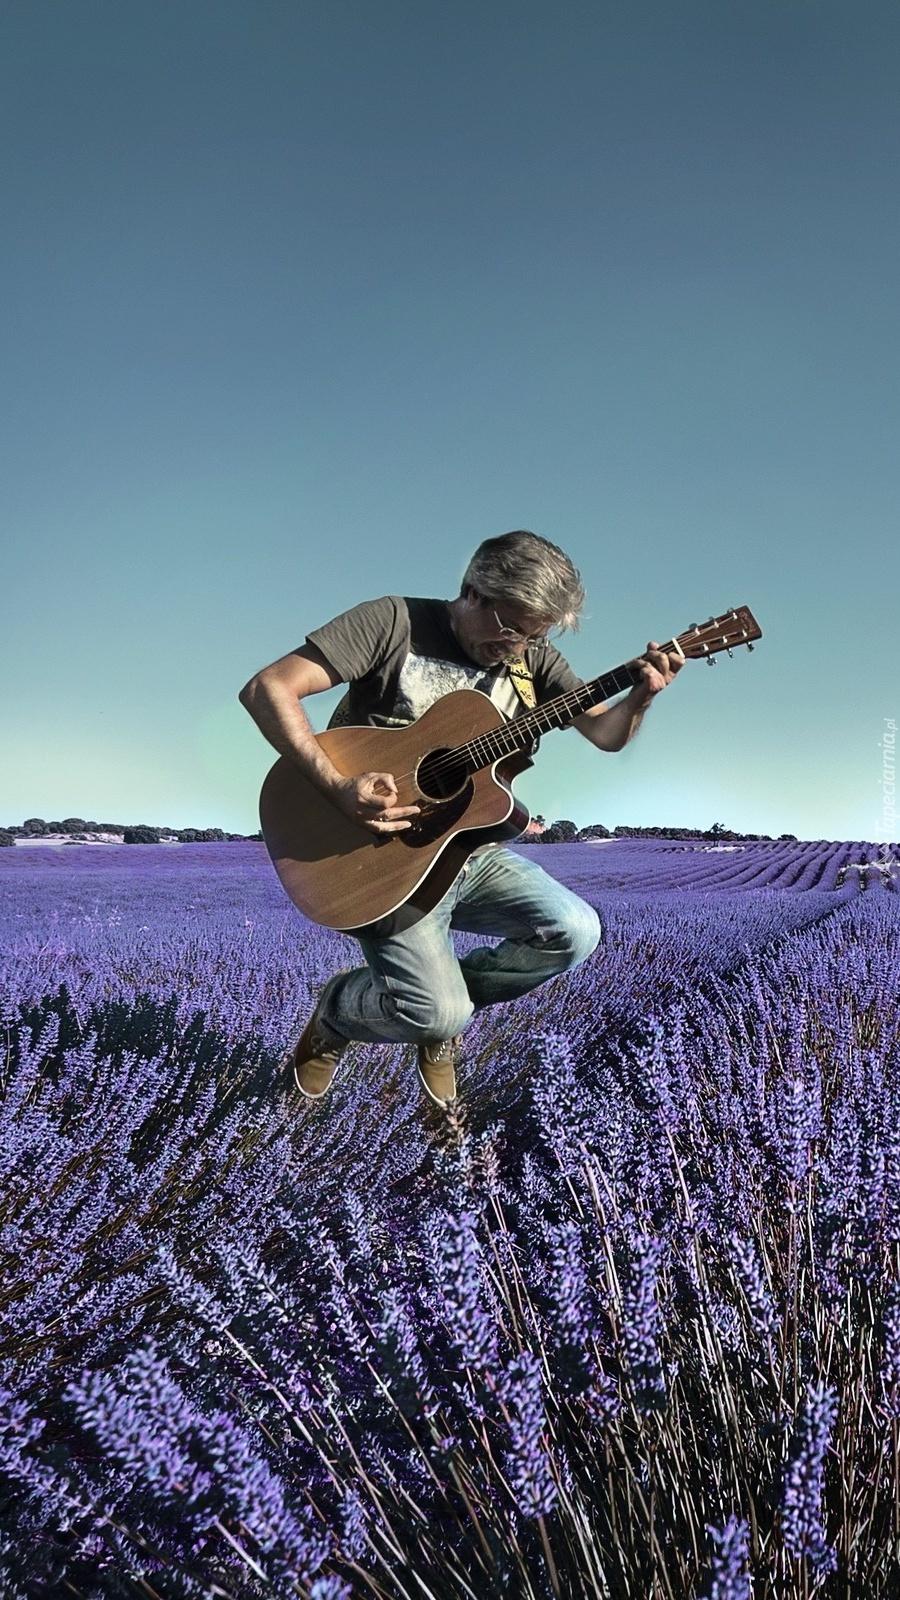 Mężczyzna z gitarą na polu lawendowym